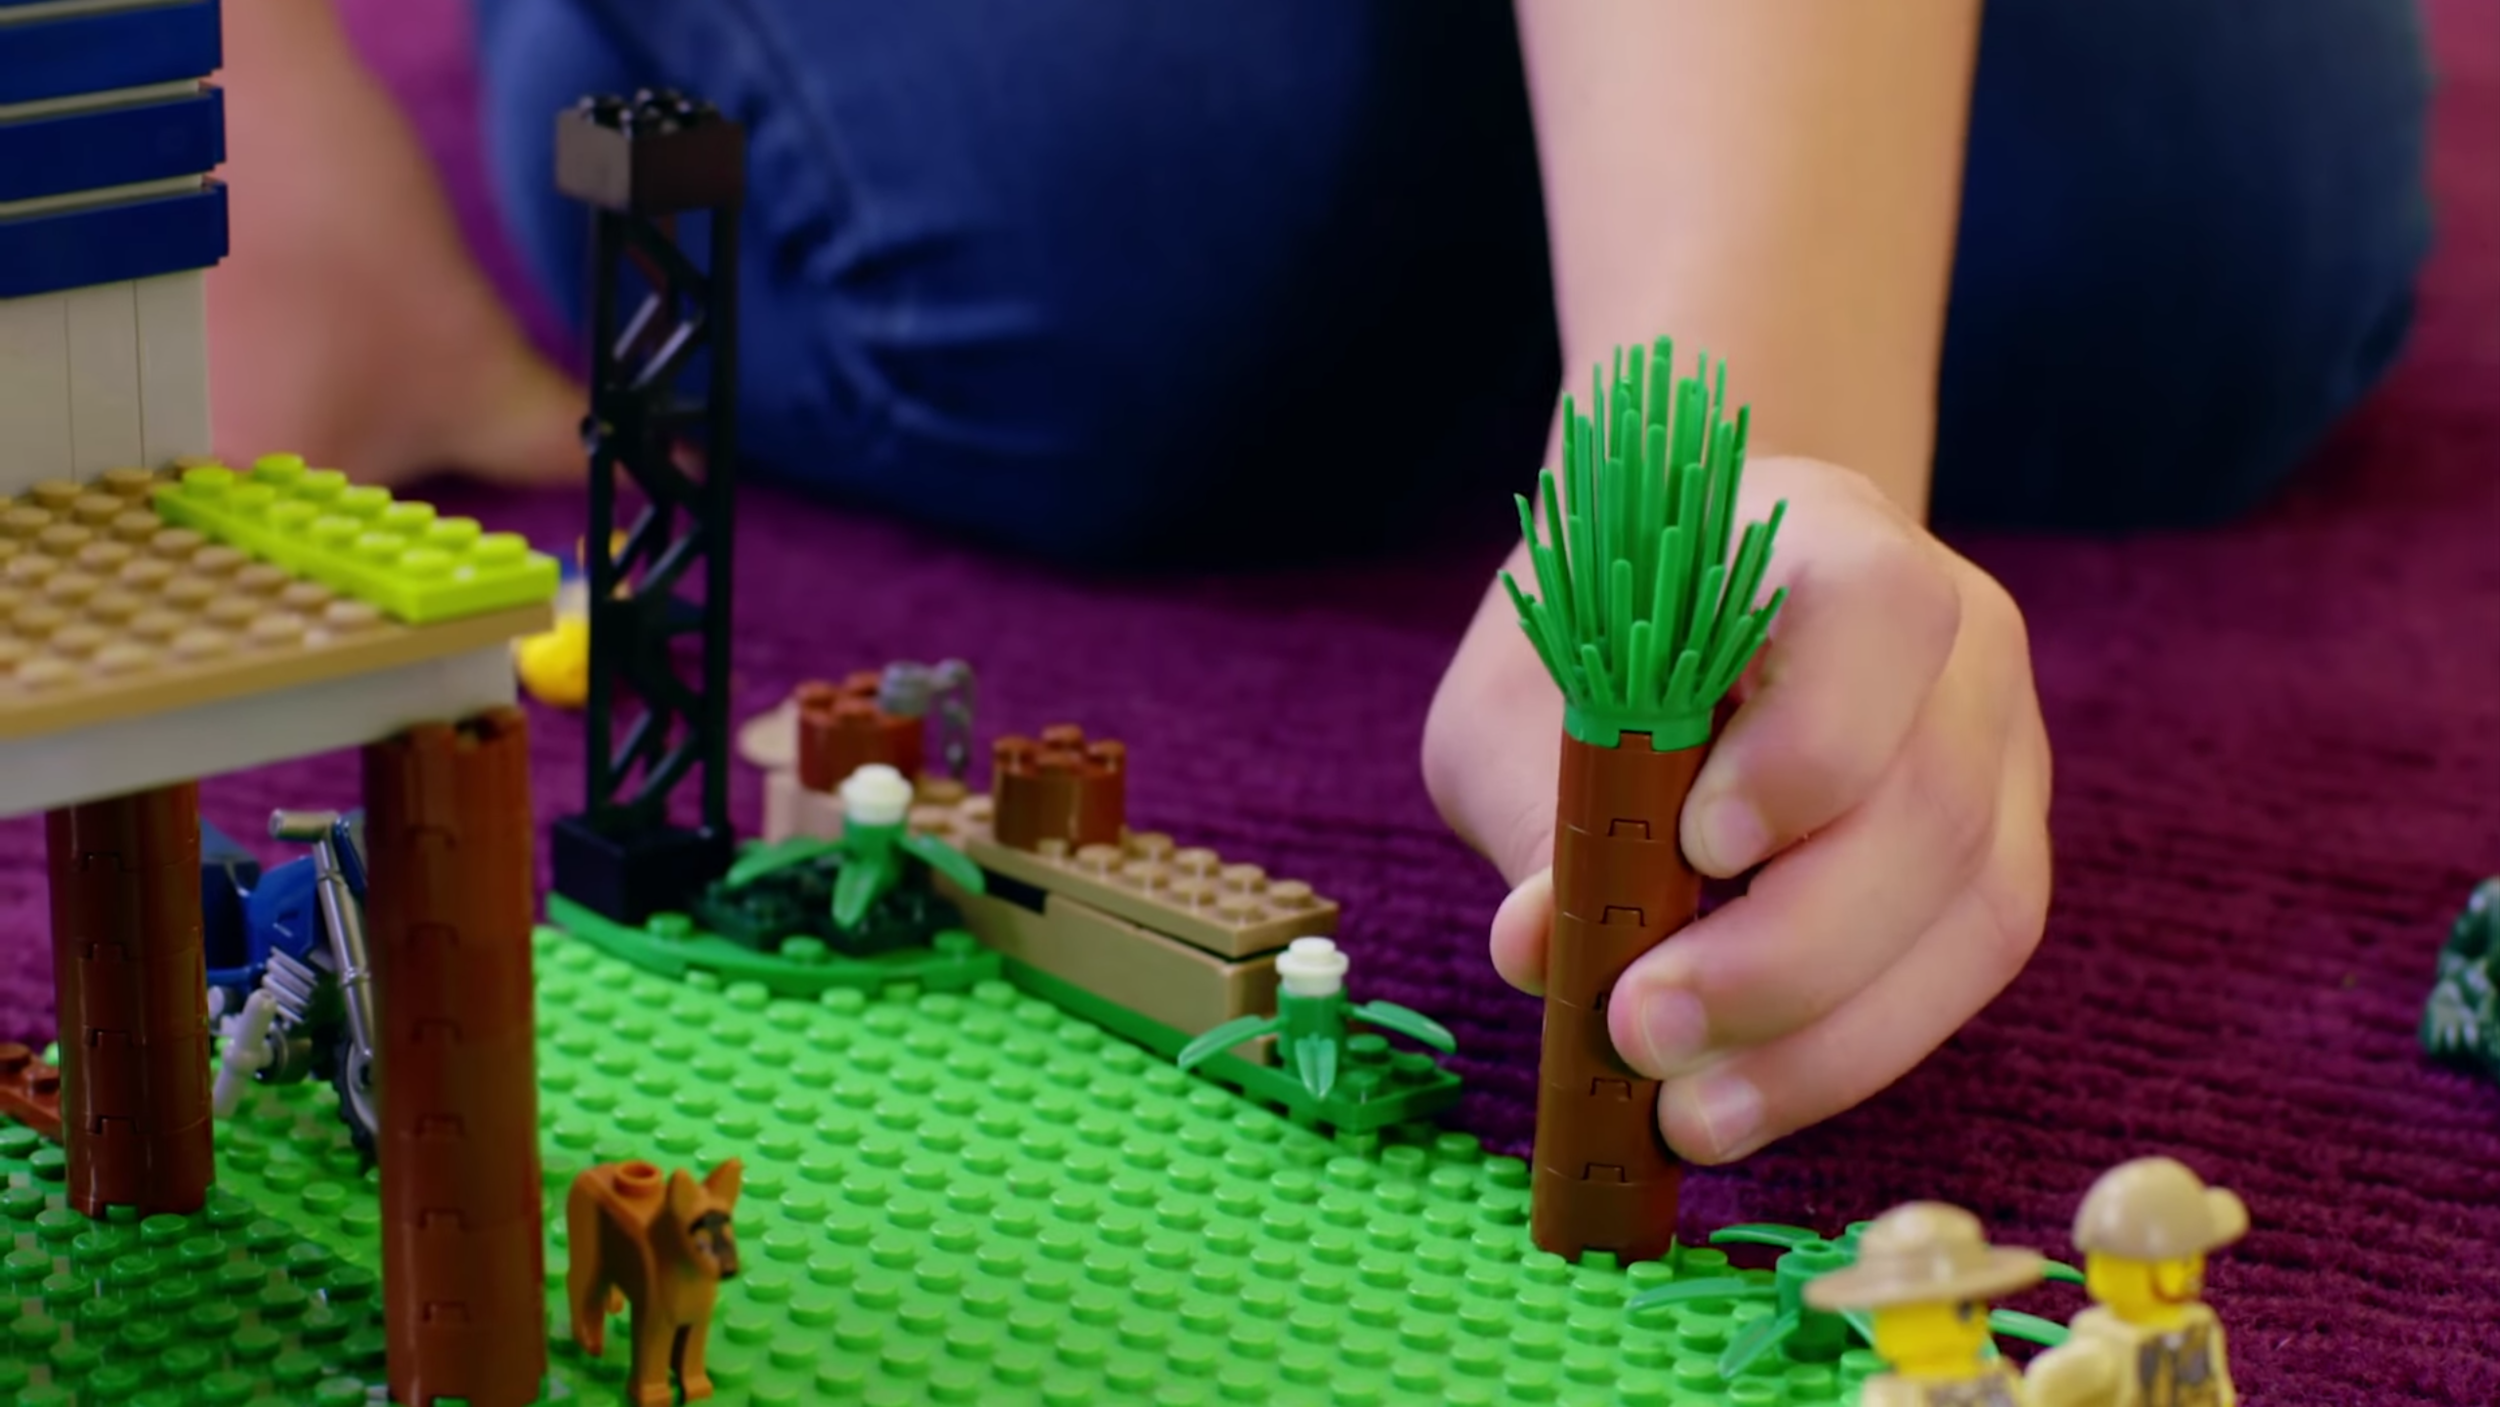 Lego Still 3.png